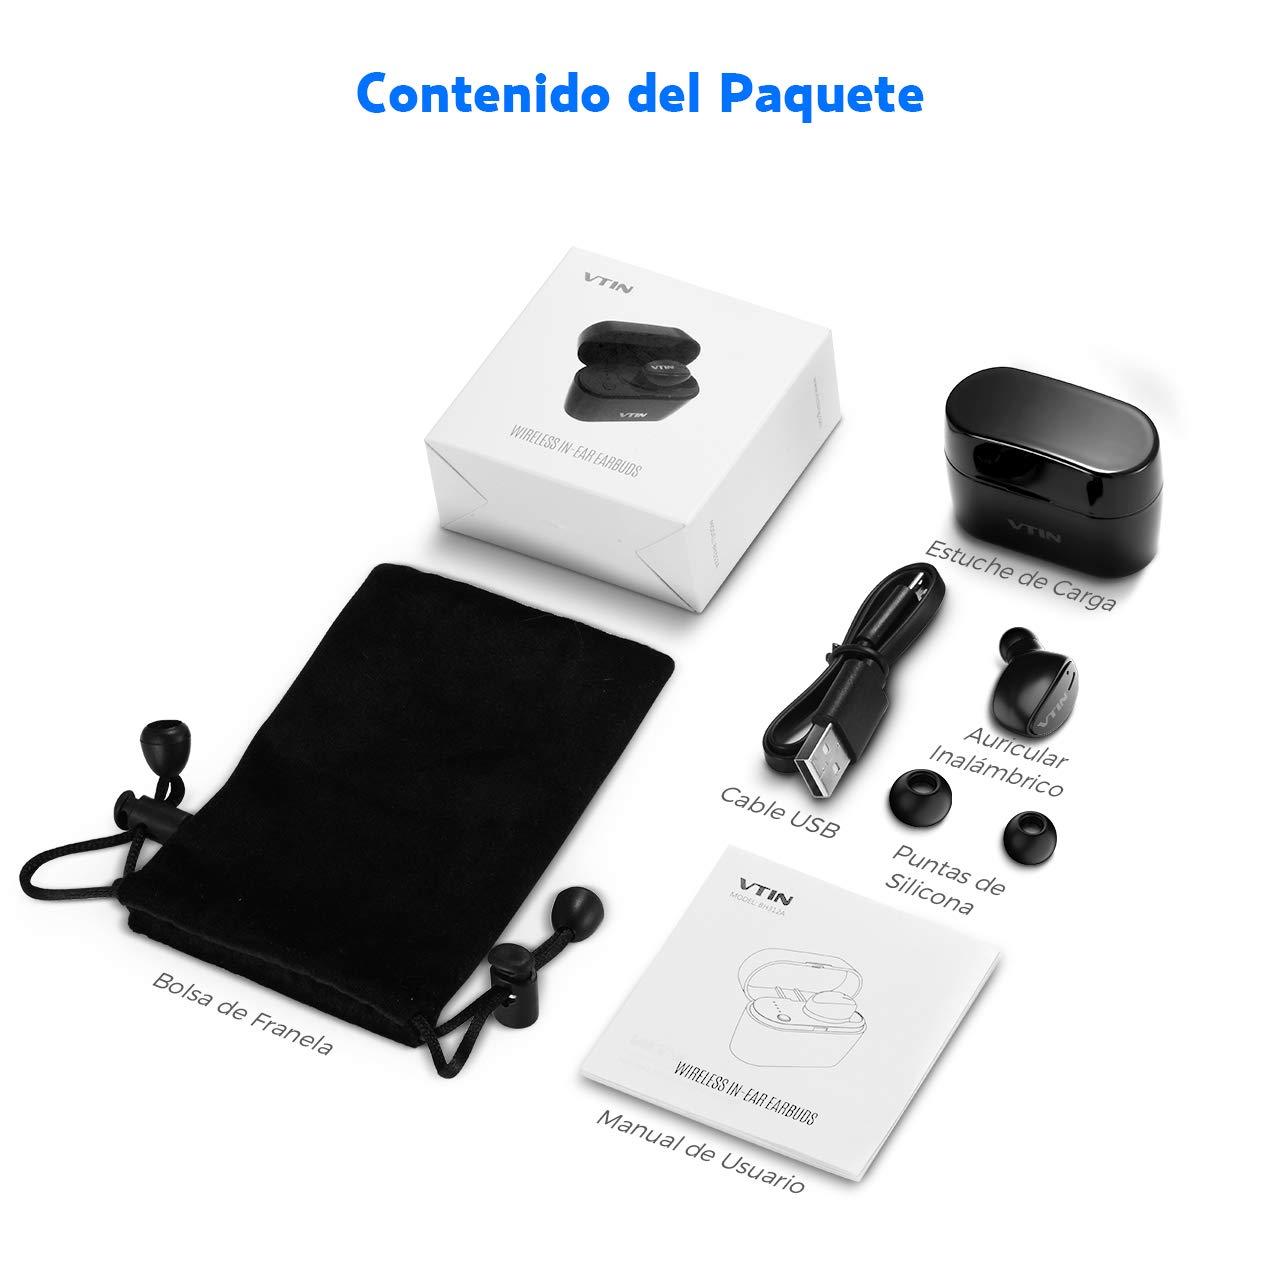 Mini Auriculares Bluetooth, VTIN Auricular Invisible Bluetooth 5.0, HD Micrófono Incorporado y Manos Libres, La Caja para Cargar en Cualquier Momento Hacer ...